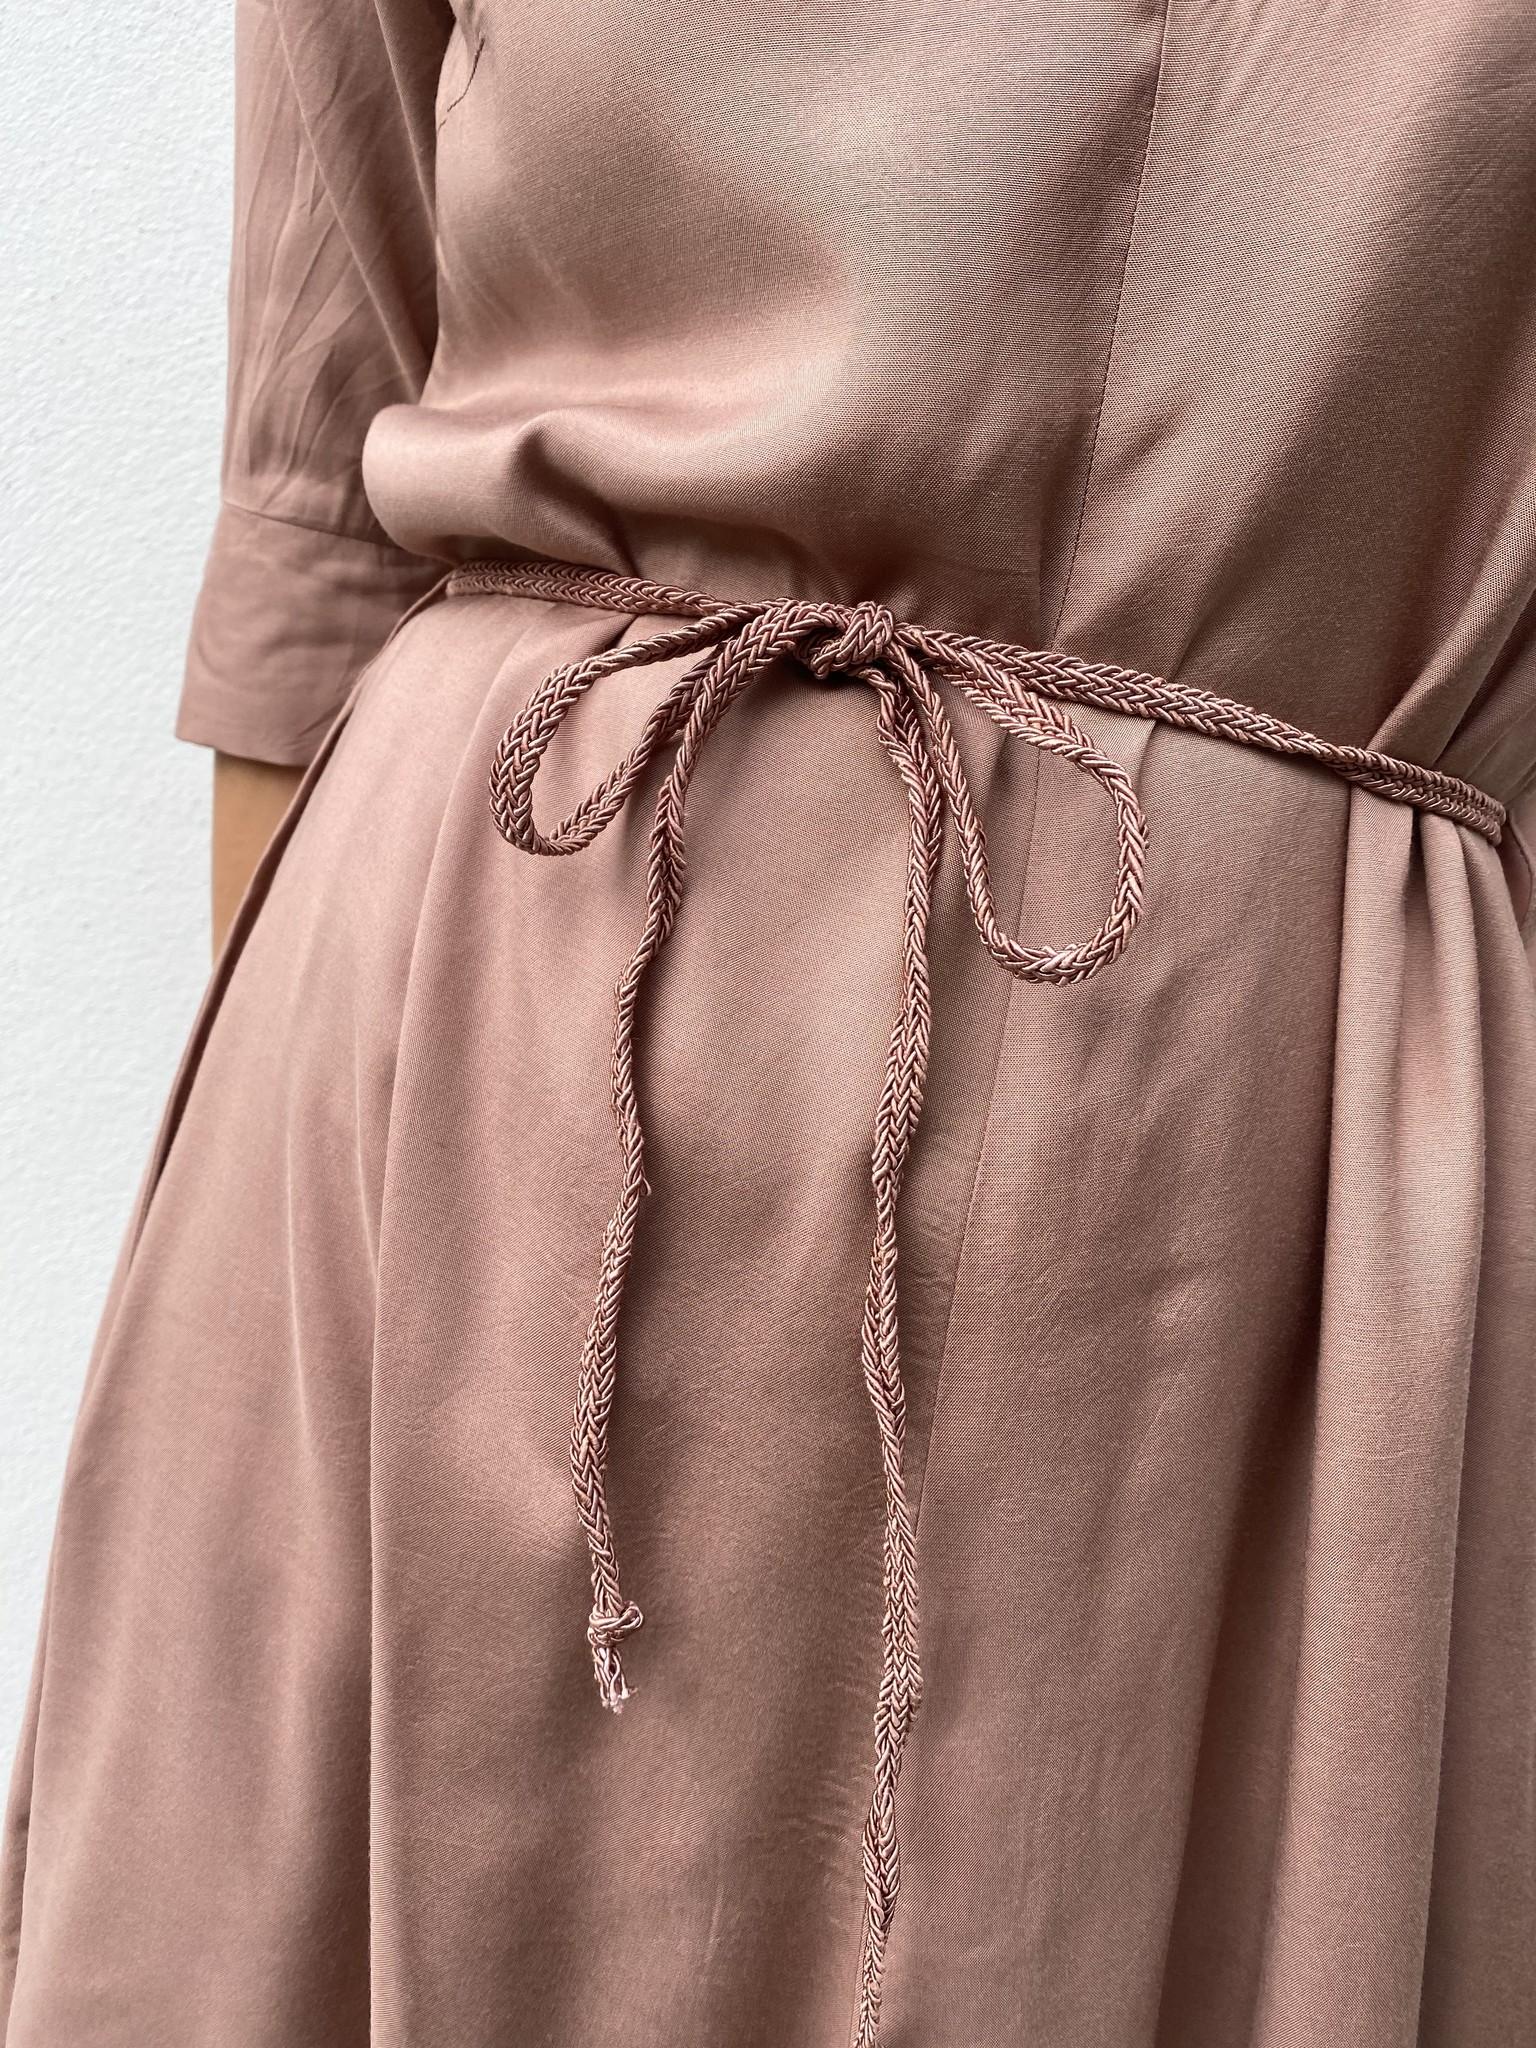 Jurk CRJilva dress eco vero rose brown-4